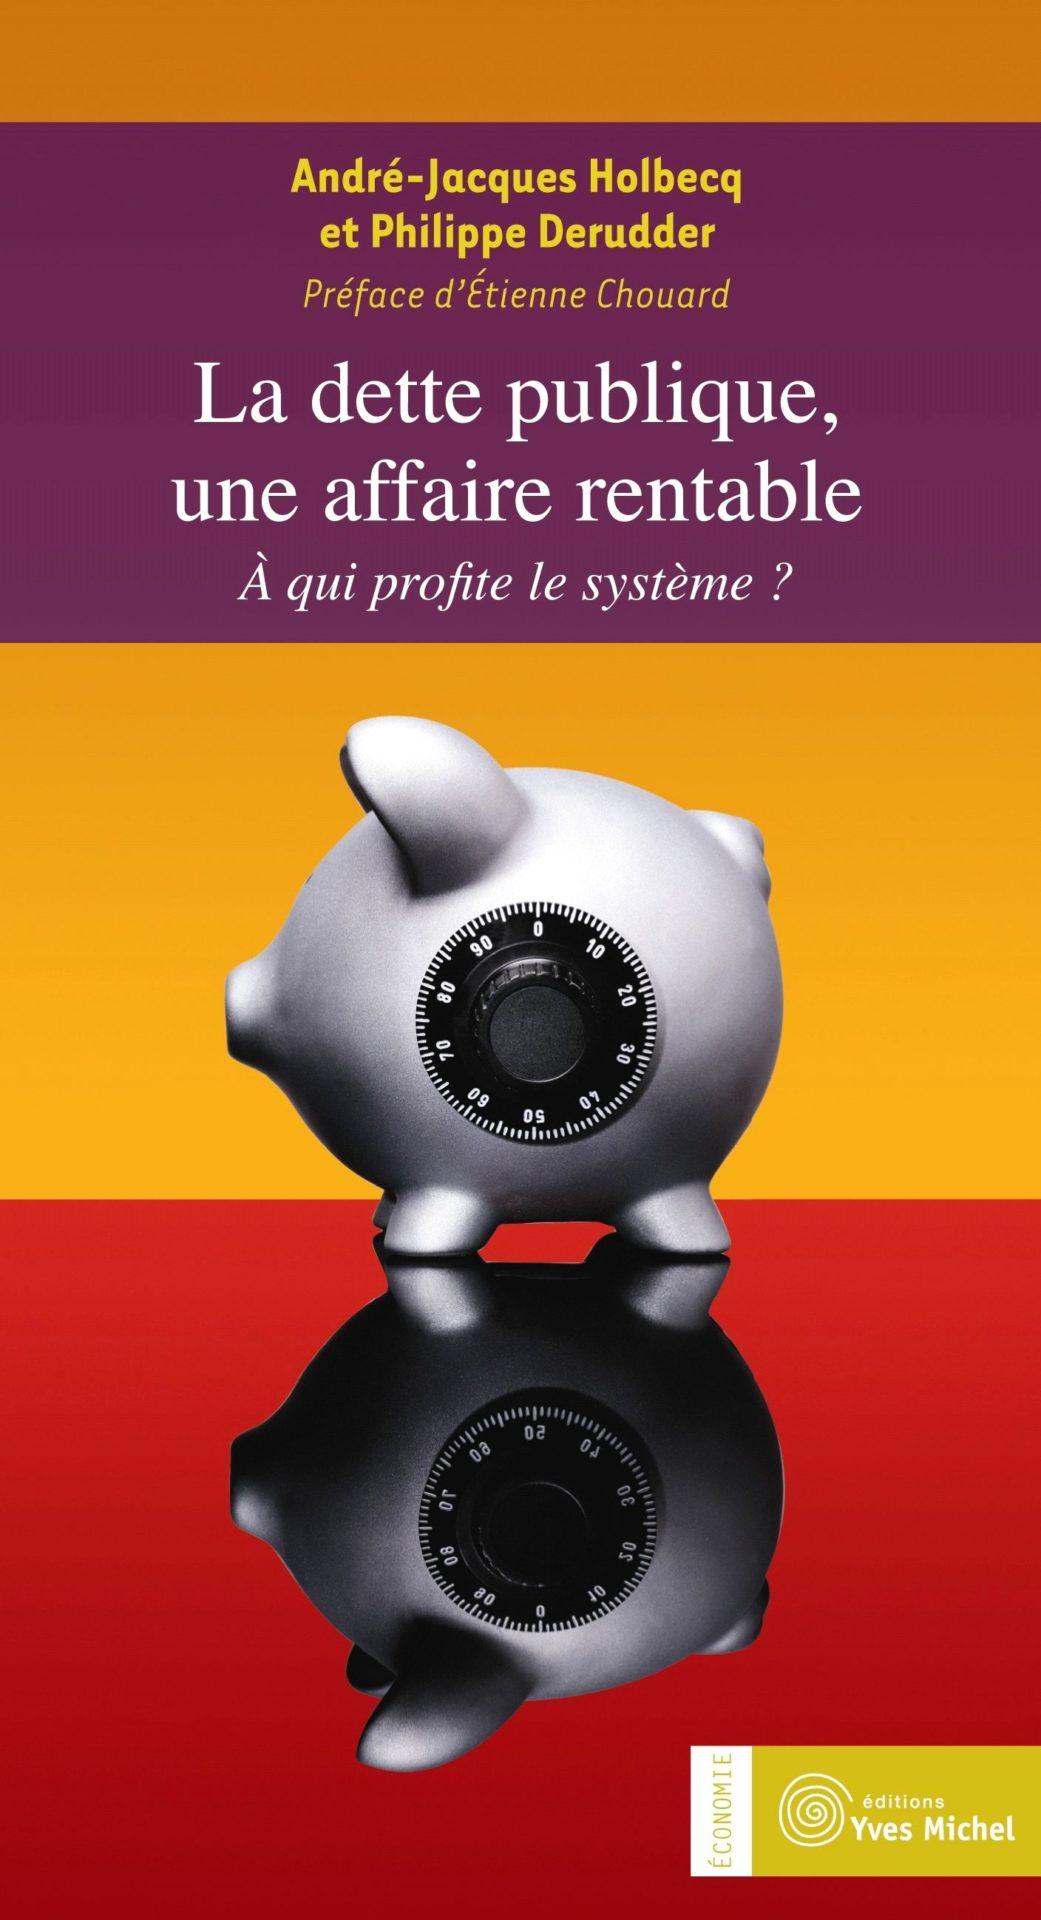 La dette publique, une affaire rentable, par André-Jacques Holbecq et Philippe Derudder